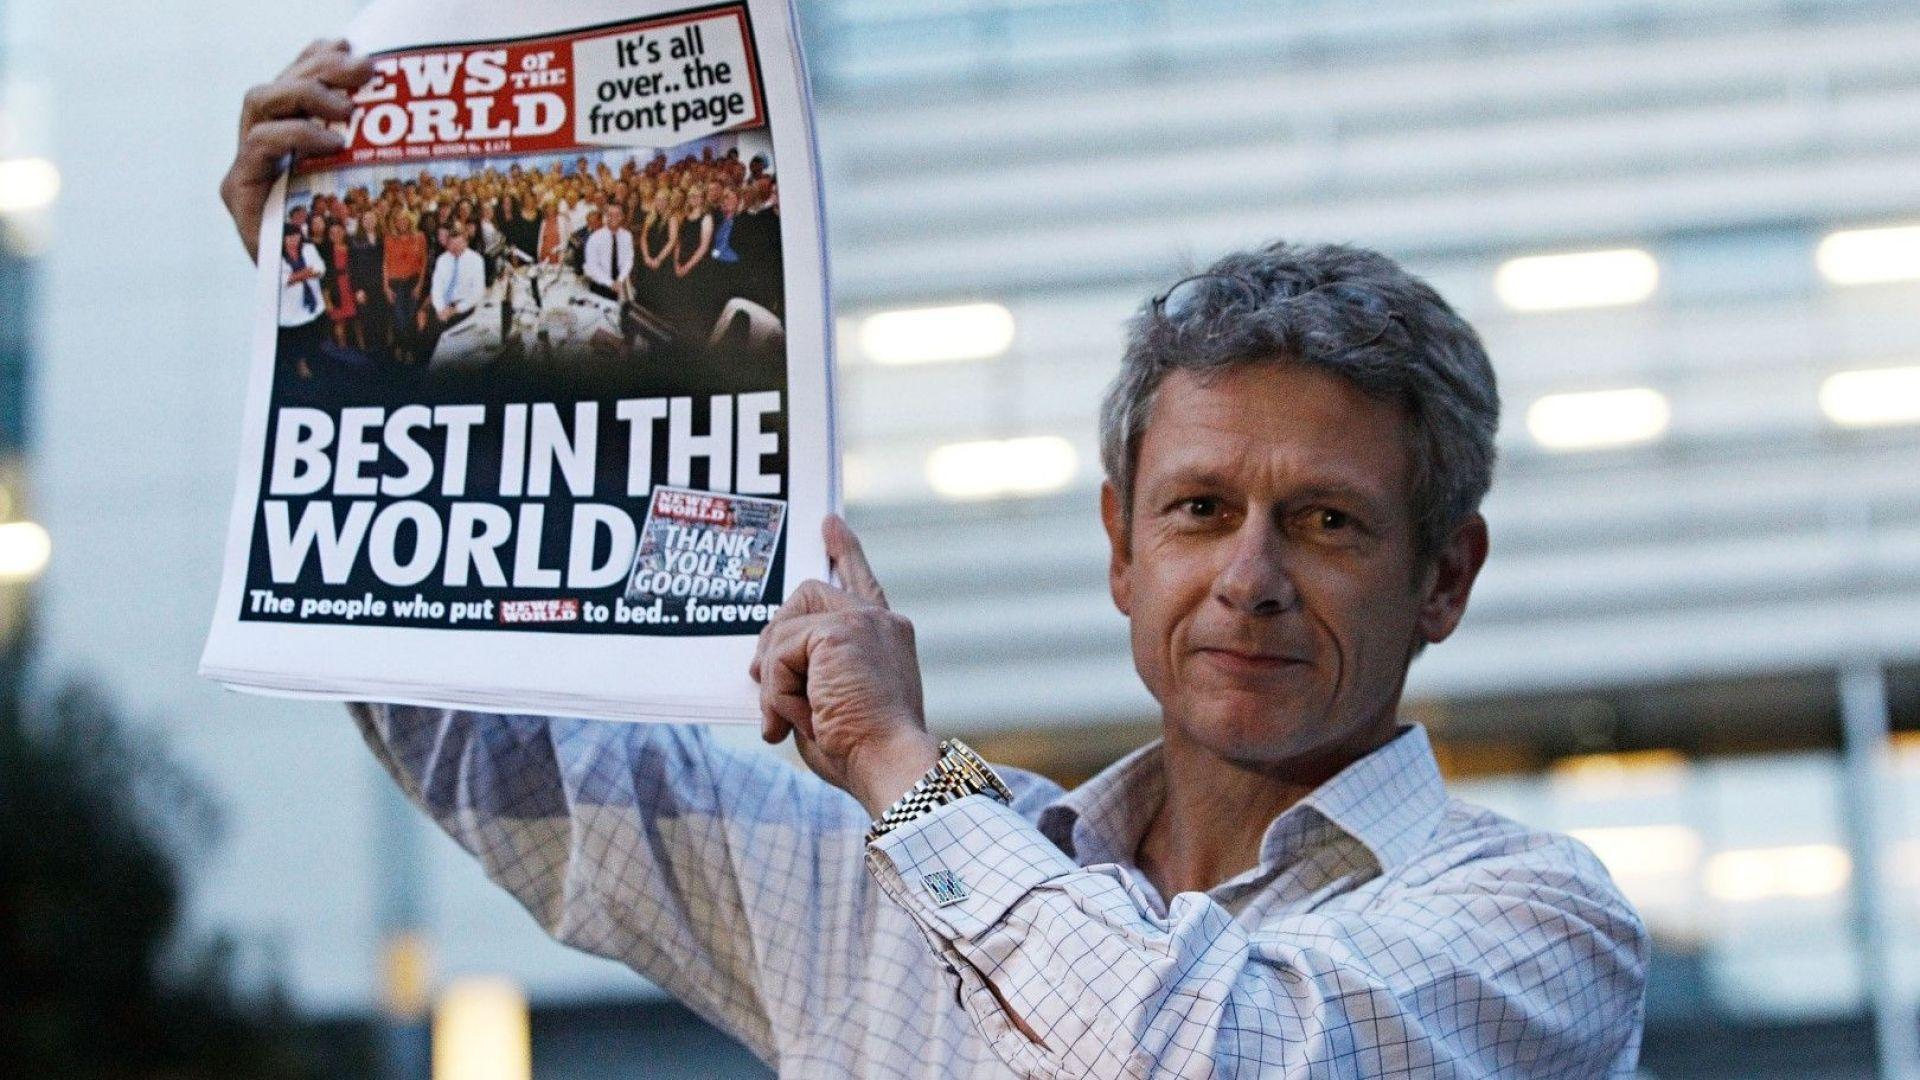 Редакторът на News of The World Хари Скот показва специалното издание на вестника, отпечатано за членовете на редакцията в последния ден на вестника, застанал пред офисите на издателя News International, 9 юли 2011 г.